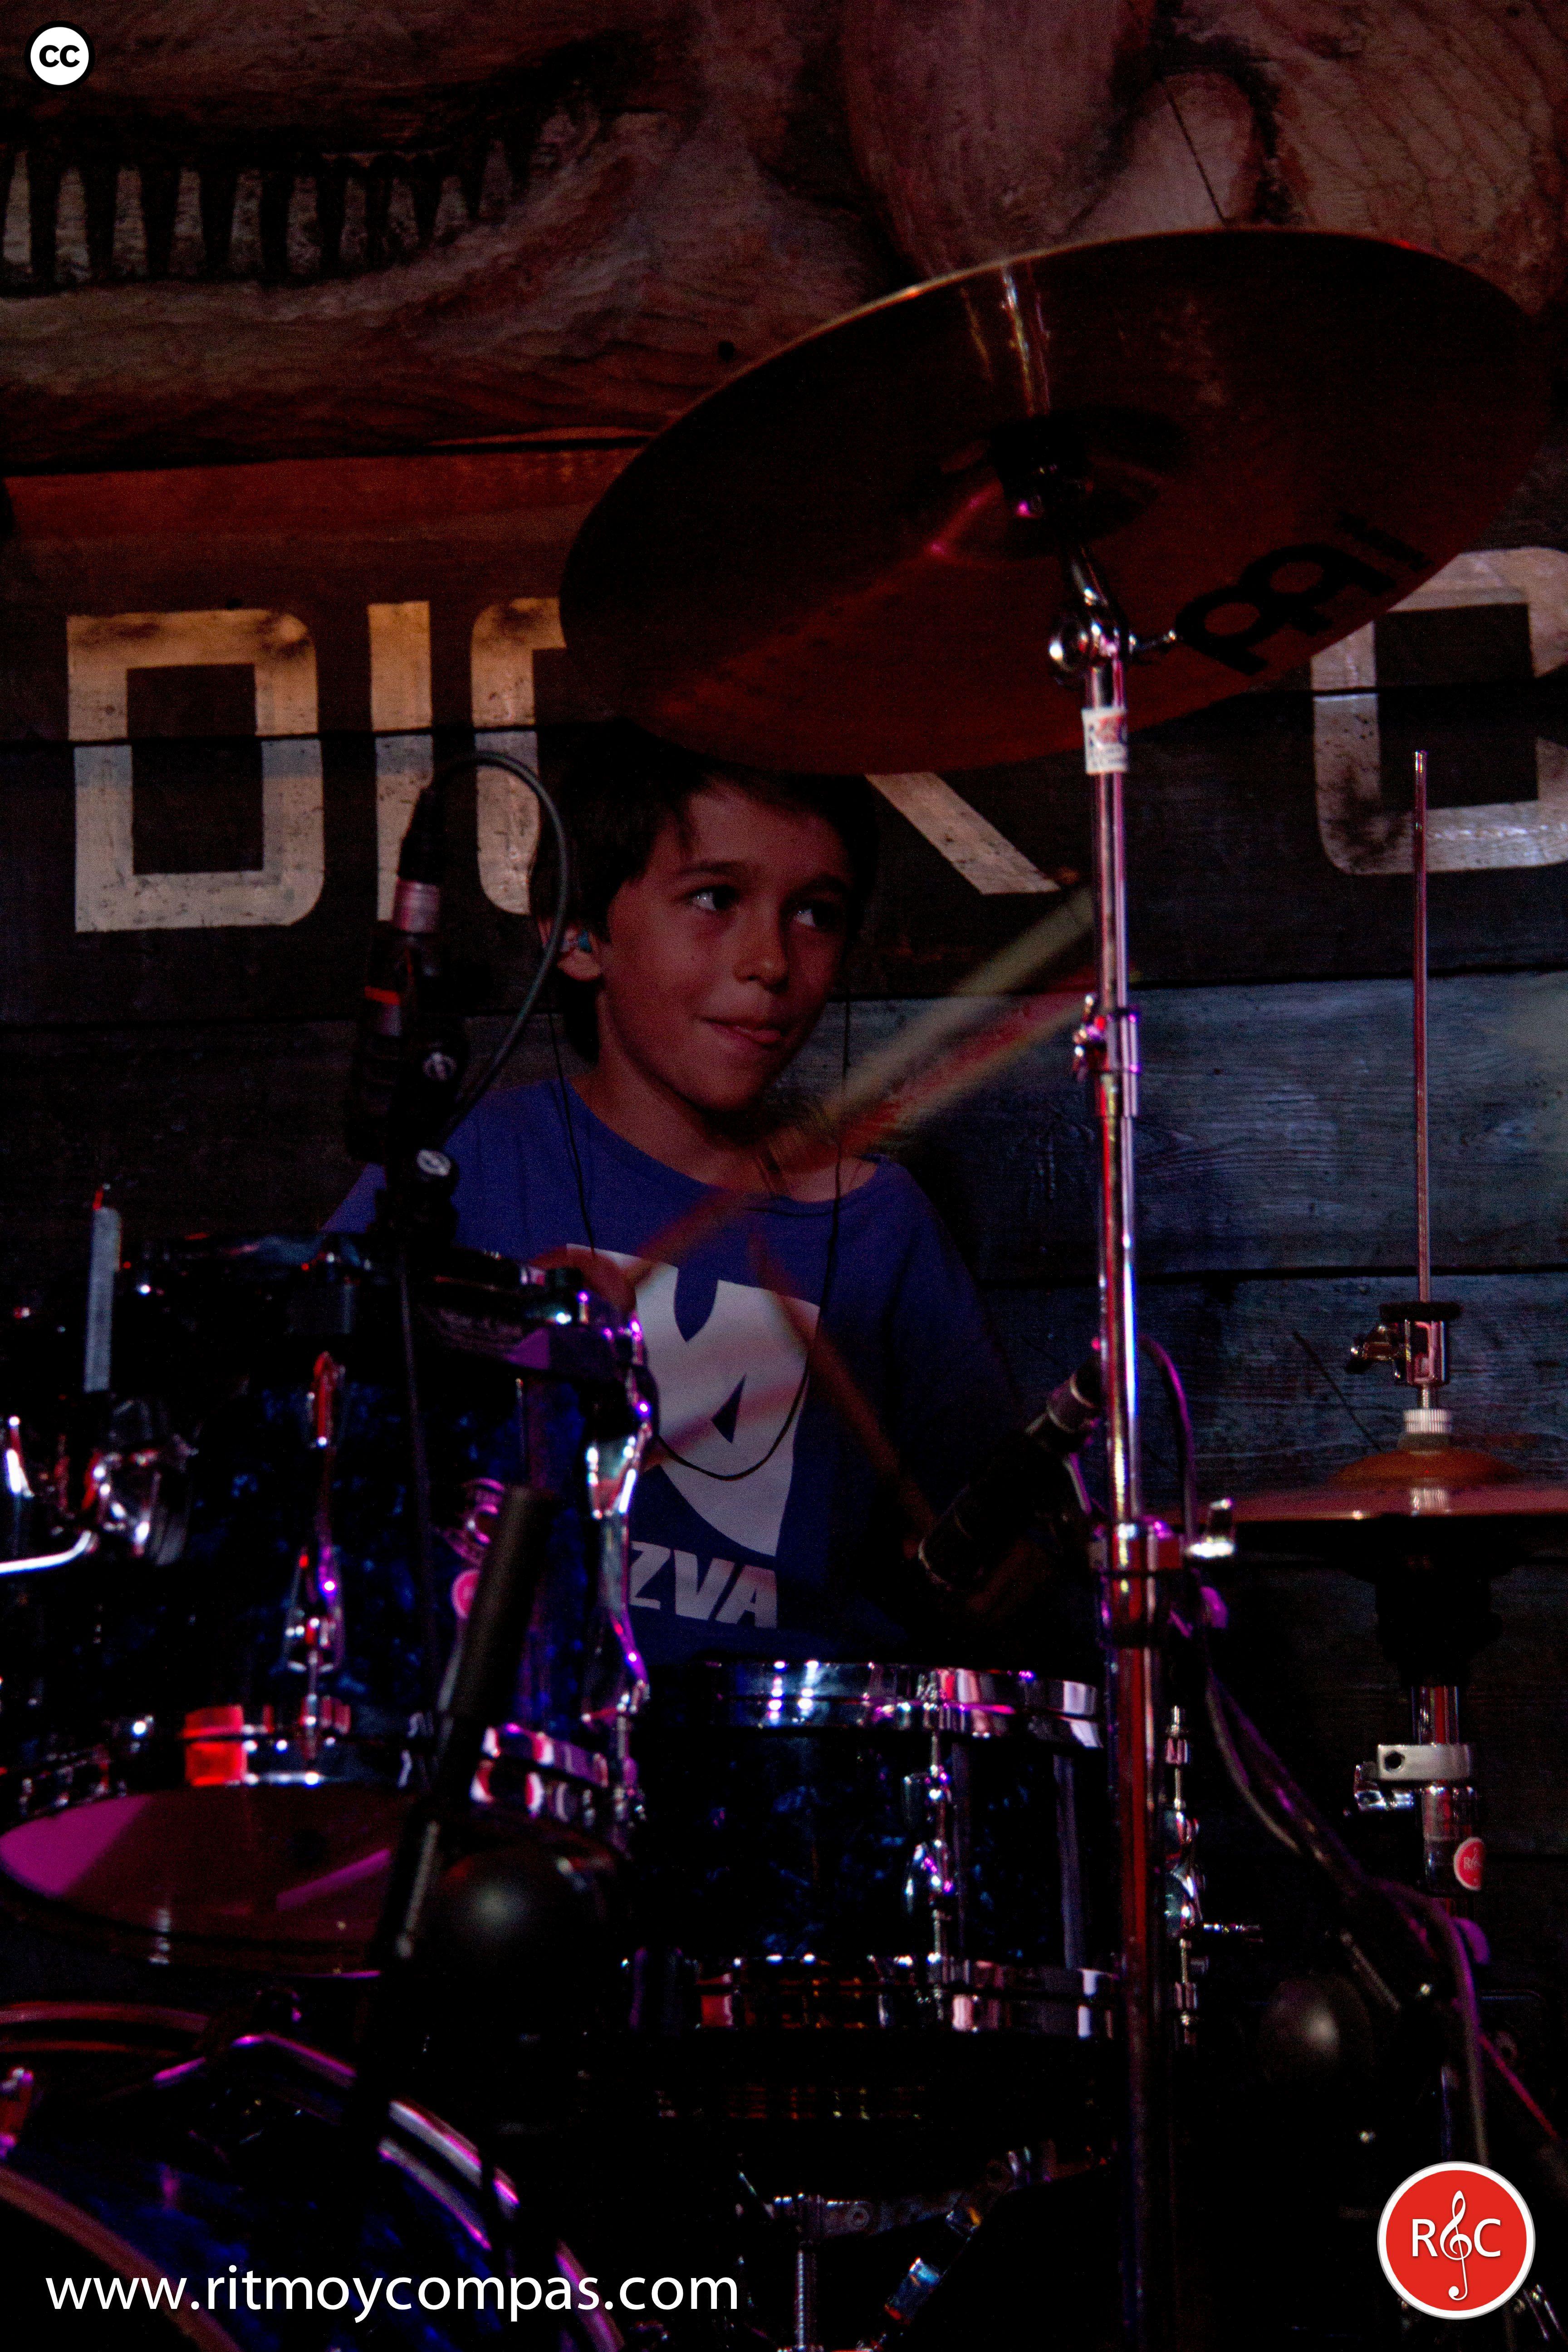 Alumno en un concierto de la Escuela de Musica Moderna Ritmo y Compas. #ritmoycompas #escuela #escuelademusica #alumno #alumna #musica #hortaleza #guindalera #concierto #baterista #bateria #mobydick #niño